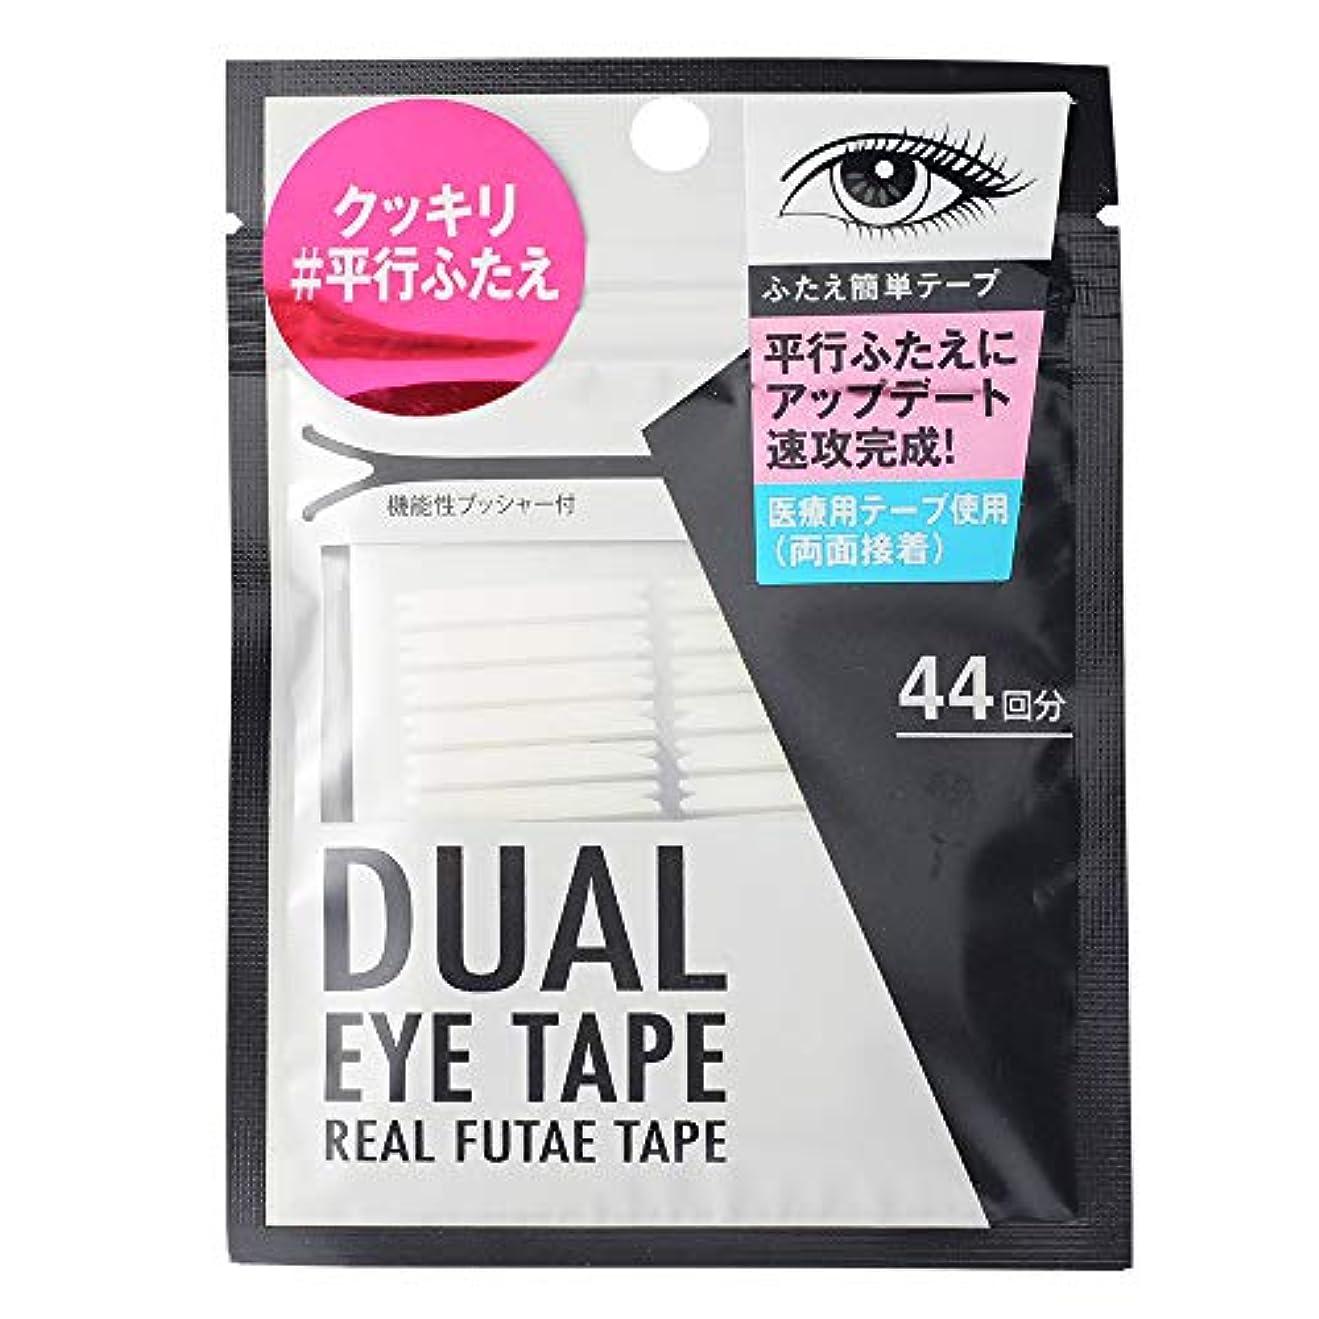 敬意を表するきらきら不安定デュアルアイテープ (平行ふたえ両面接着テープ) (44回分)